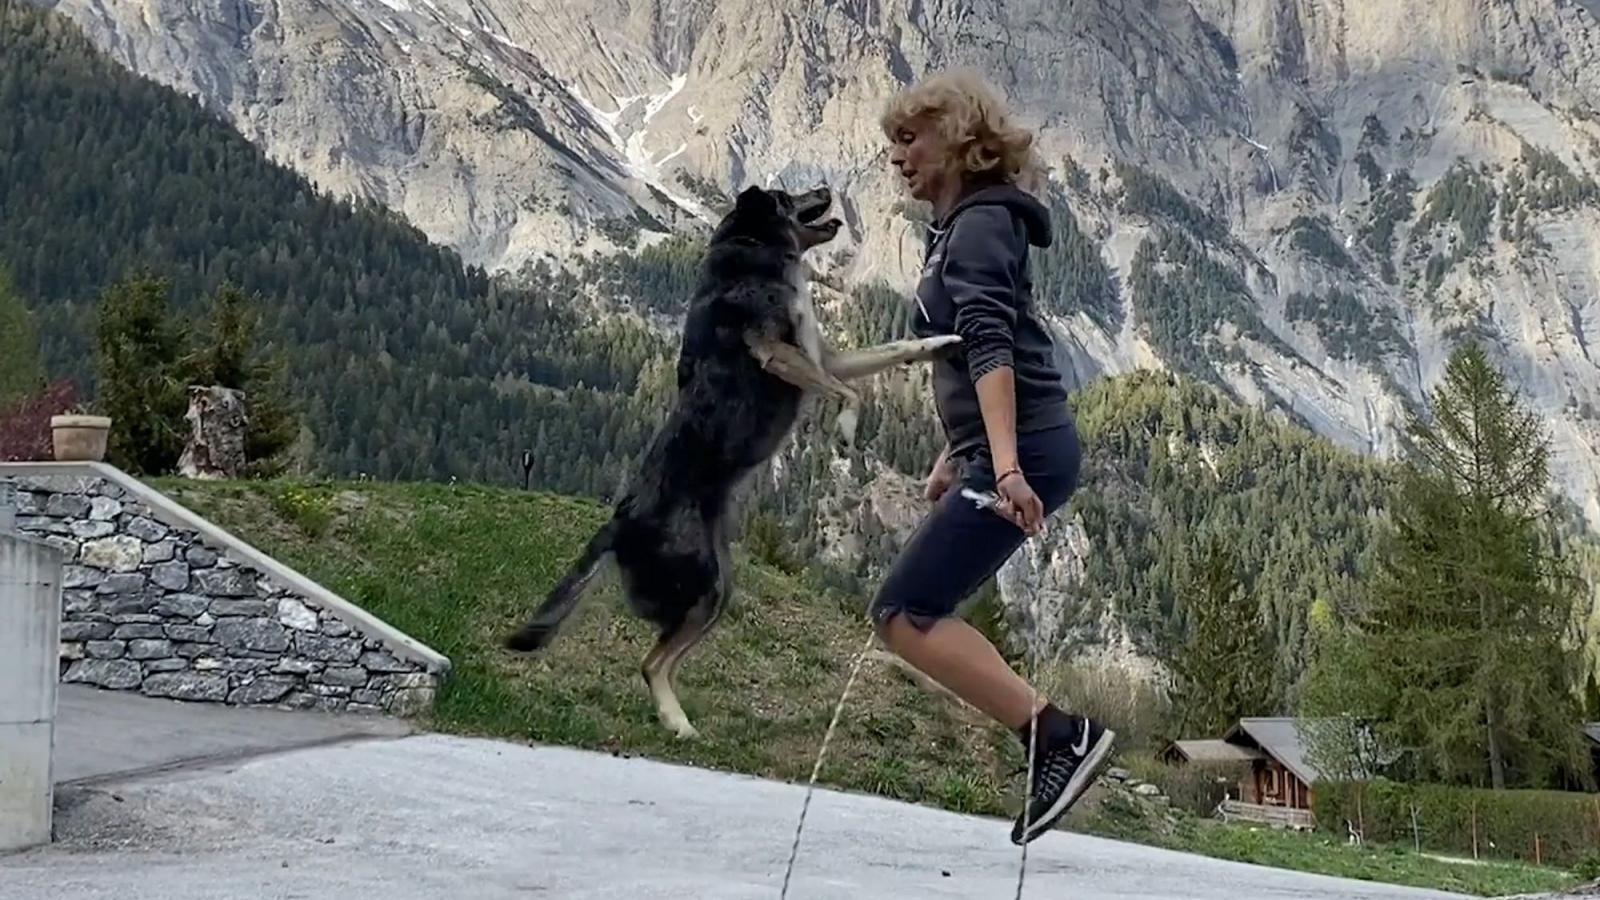 Cún cưng trổ tài nhảy dây cực đỉnh cùng cô chủ